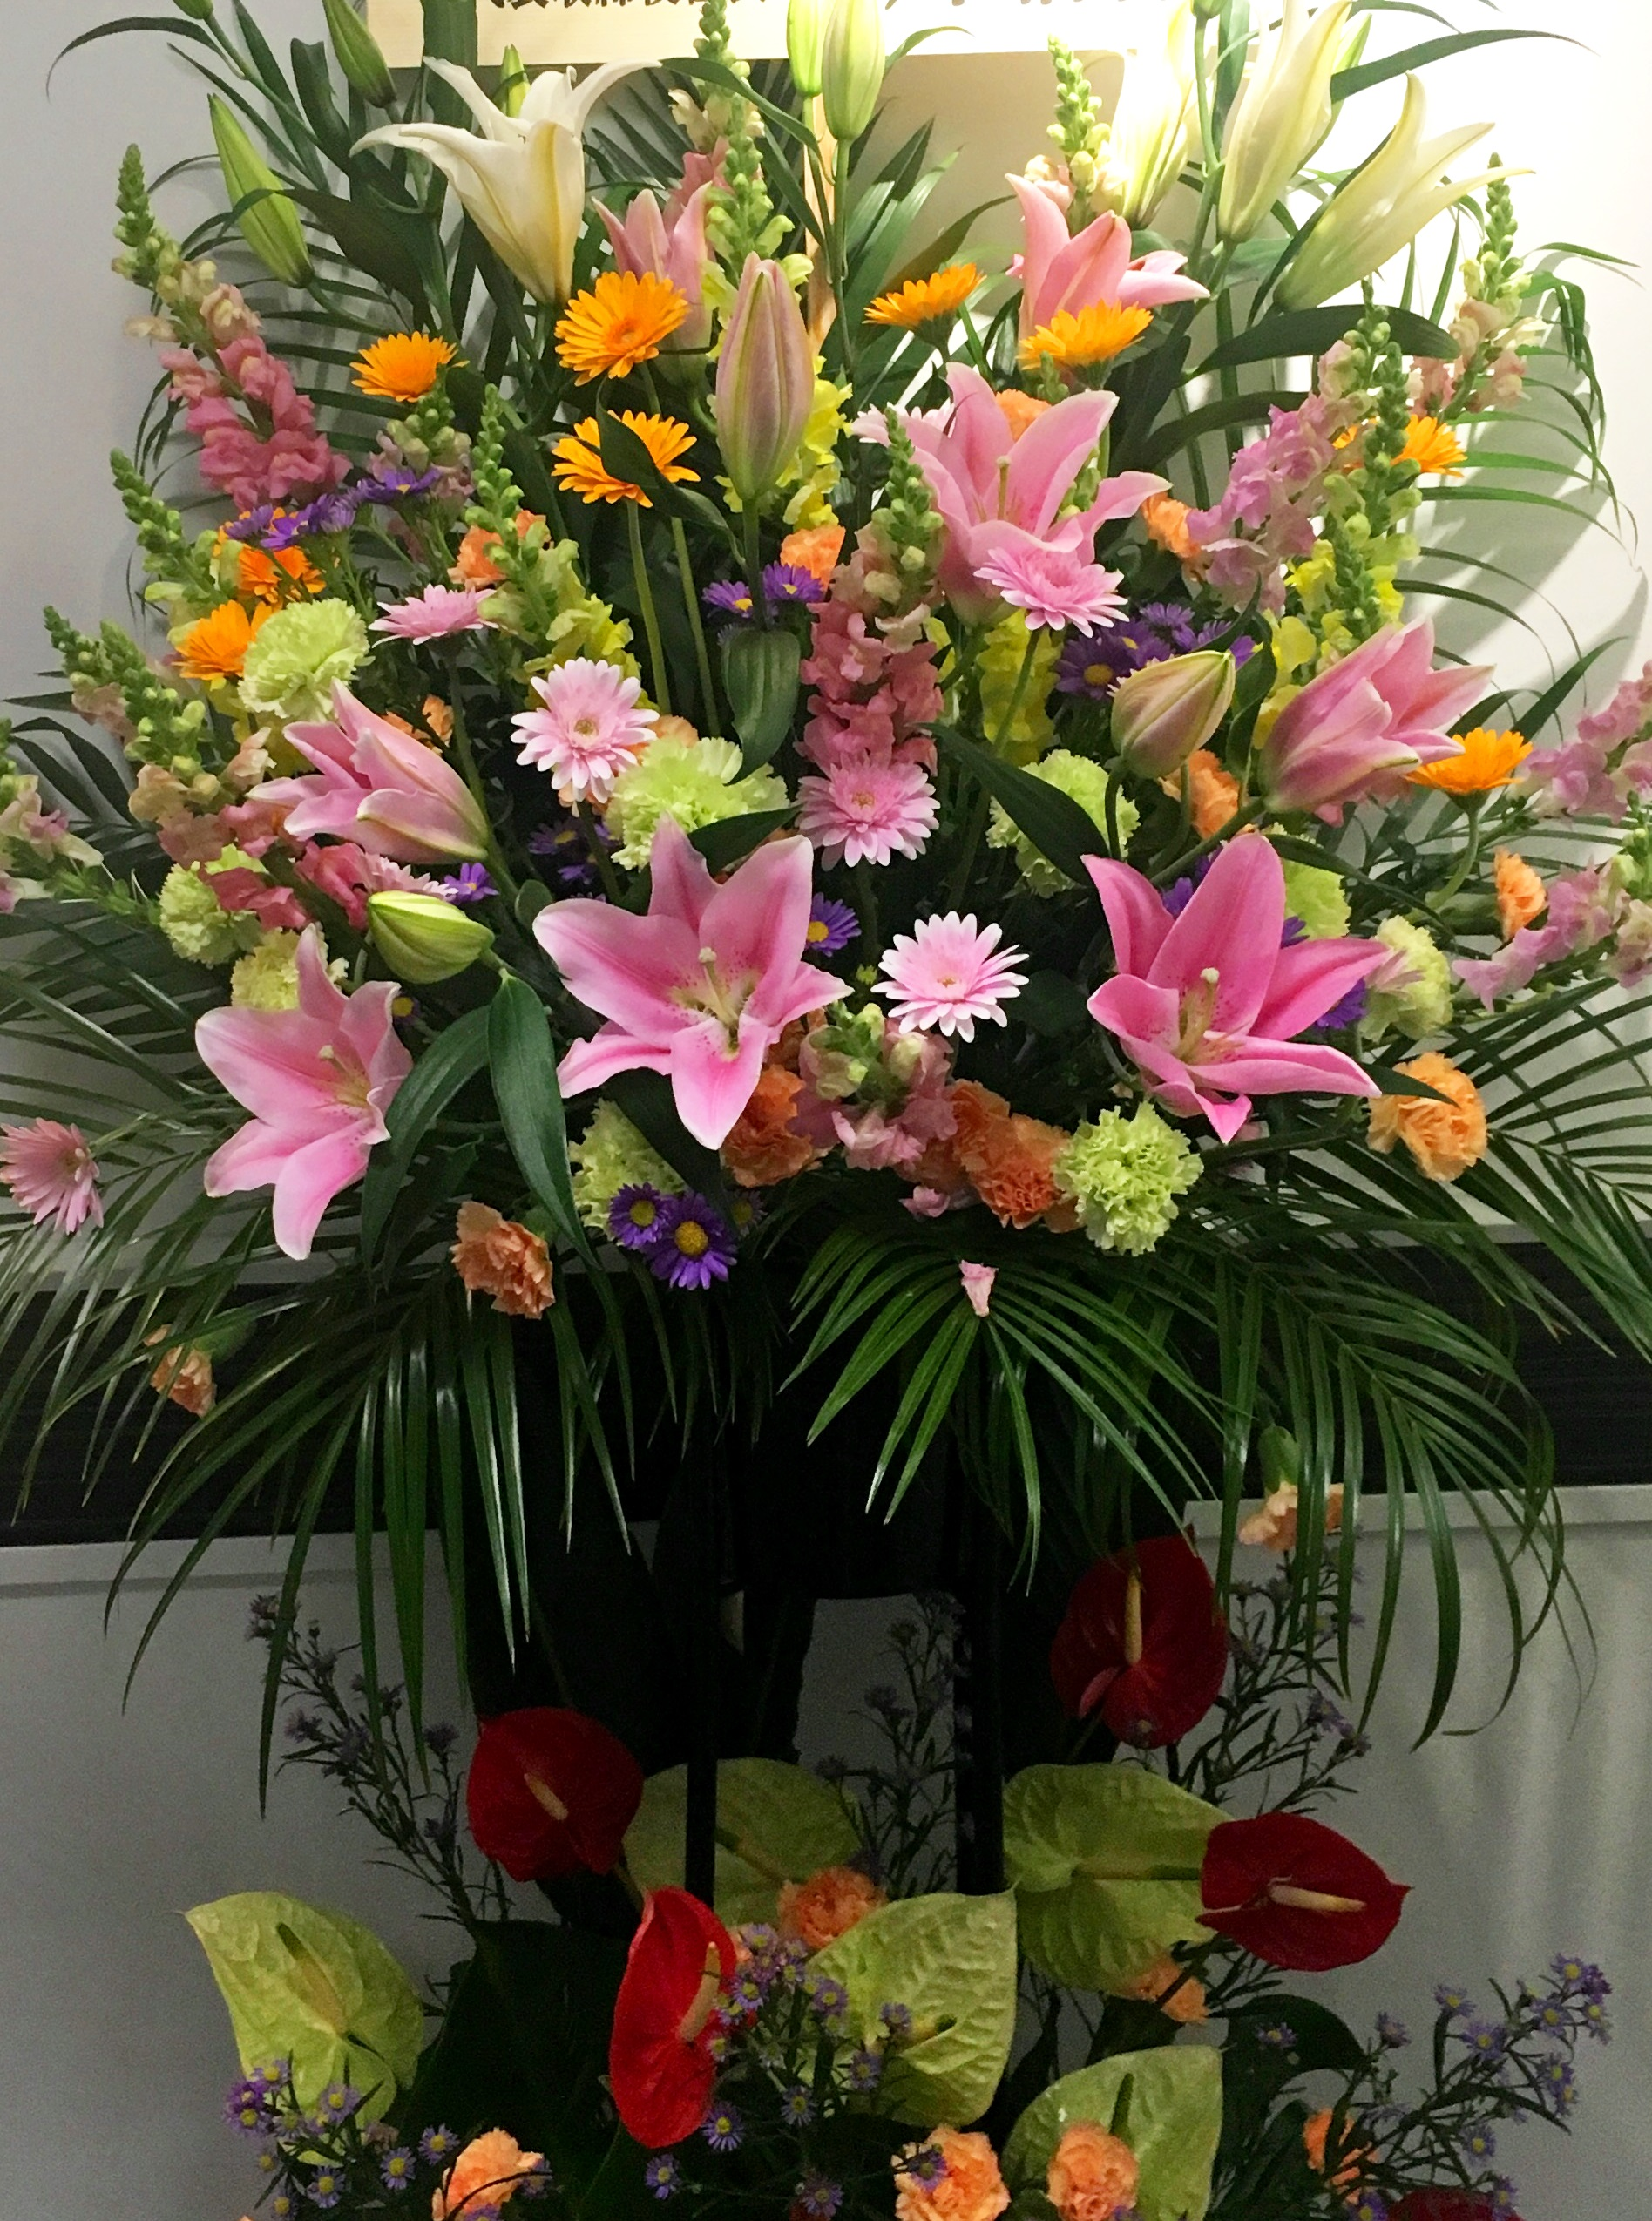 【ナオ花屋の納品事例212】横浜市関内福富町へアレンジメントを即日当日配達しました!